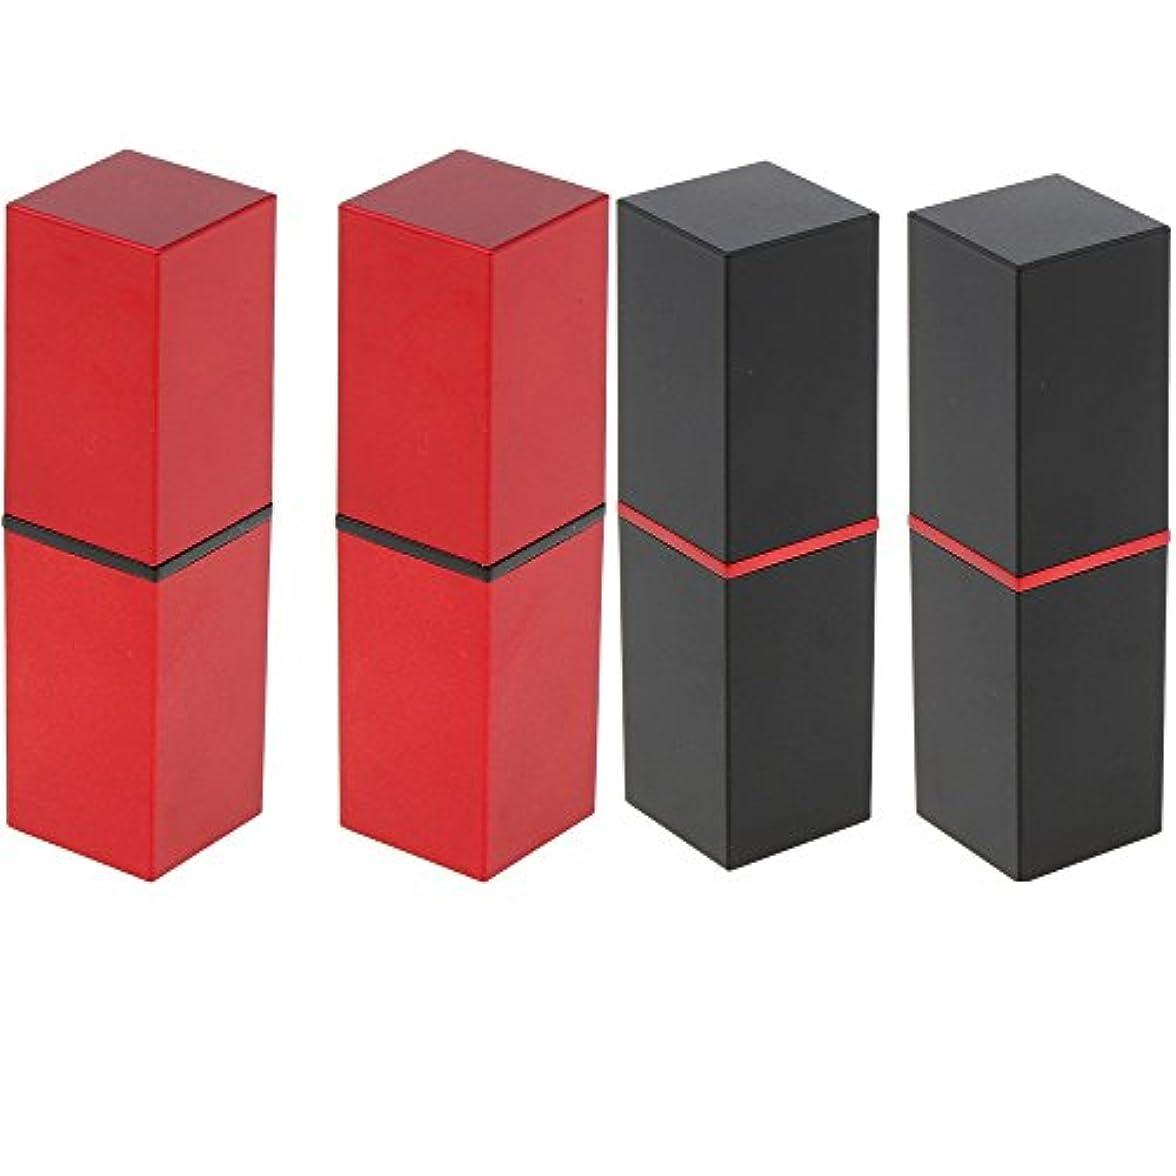 そのに叙情的な4本の空の口紅の管のリップクリームの容器DIYの化粧品の構造用具12.1mm